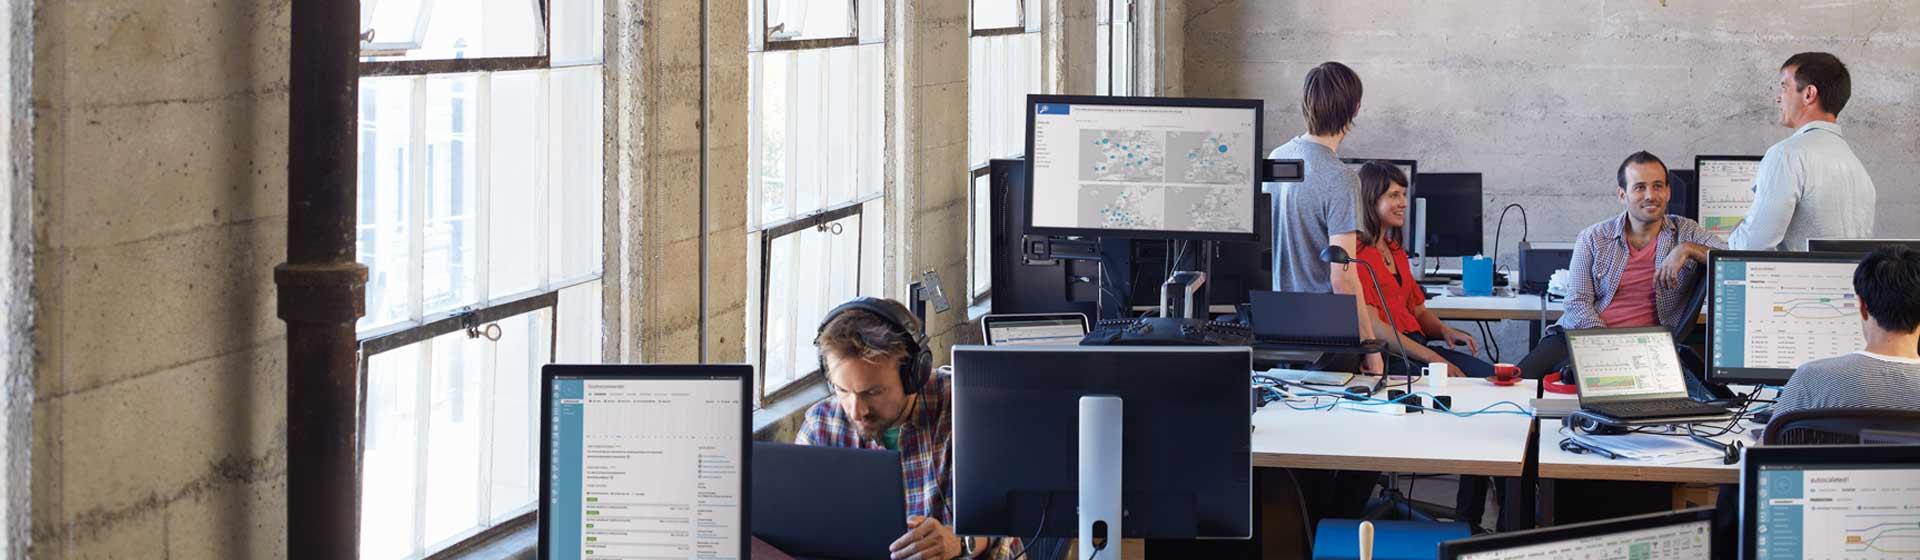 Grupa współpracowników siedzących i stojących w biurze. Na biurkach widoczne komputery z wyświetlonym obrazem działającej usługi Office 365